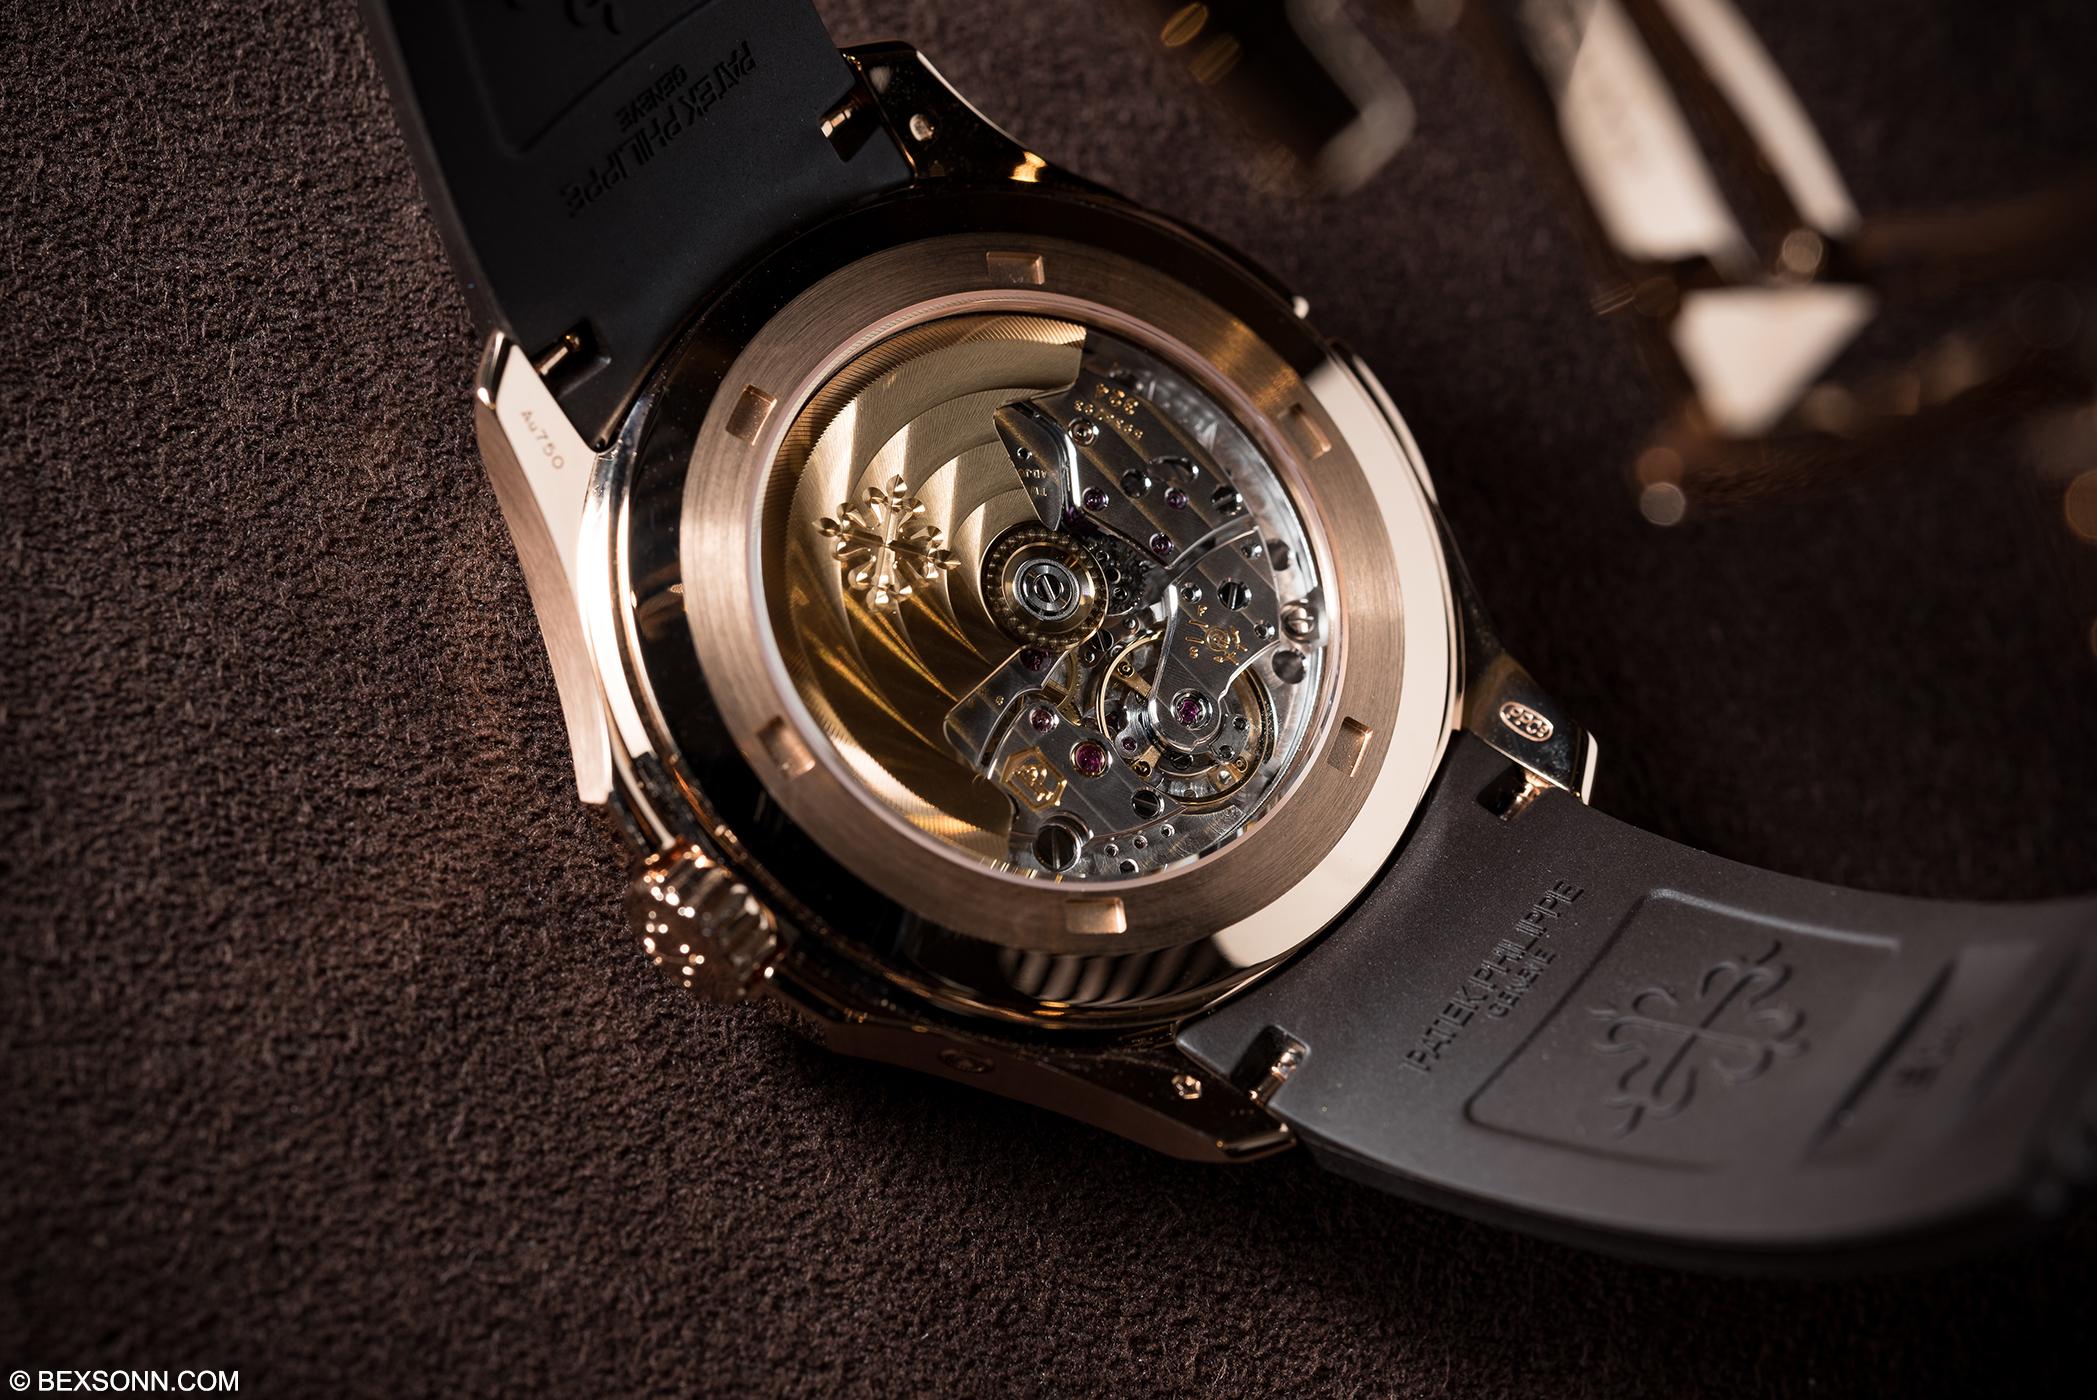 The New Patek Philippe Aquanaut Travel Time 5164r Bexsonn